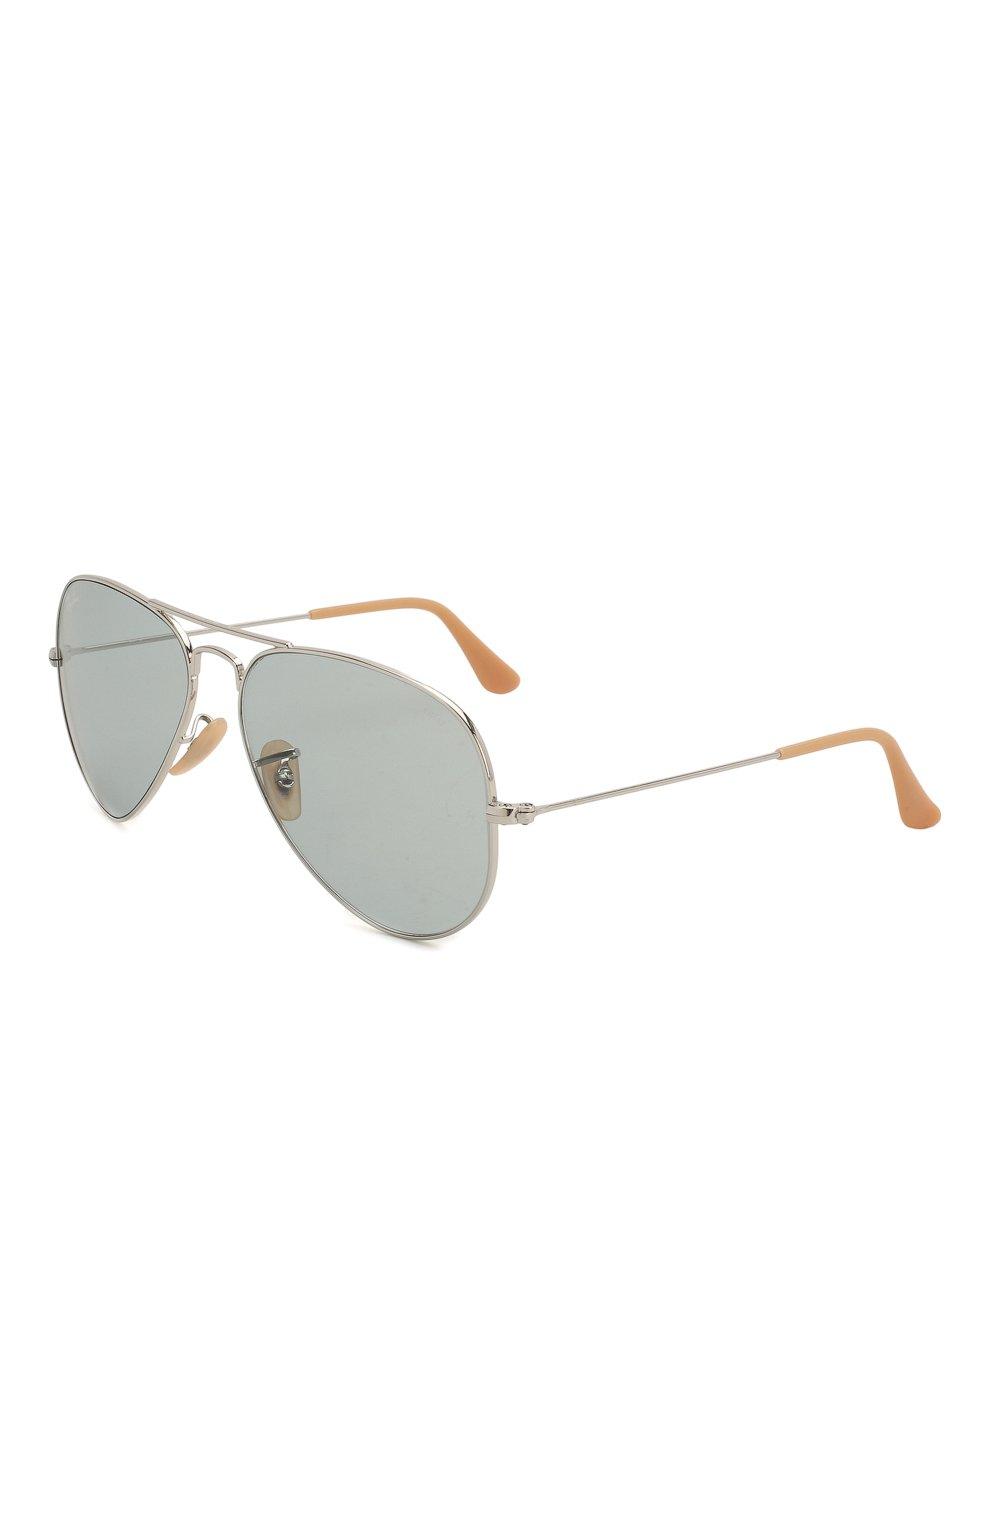 Женские солнцезащитные очки RAY-BAN светло-серого цвета, арт. 3025-9065I5 | Фото 1